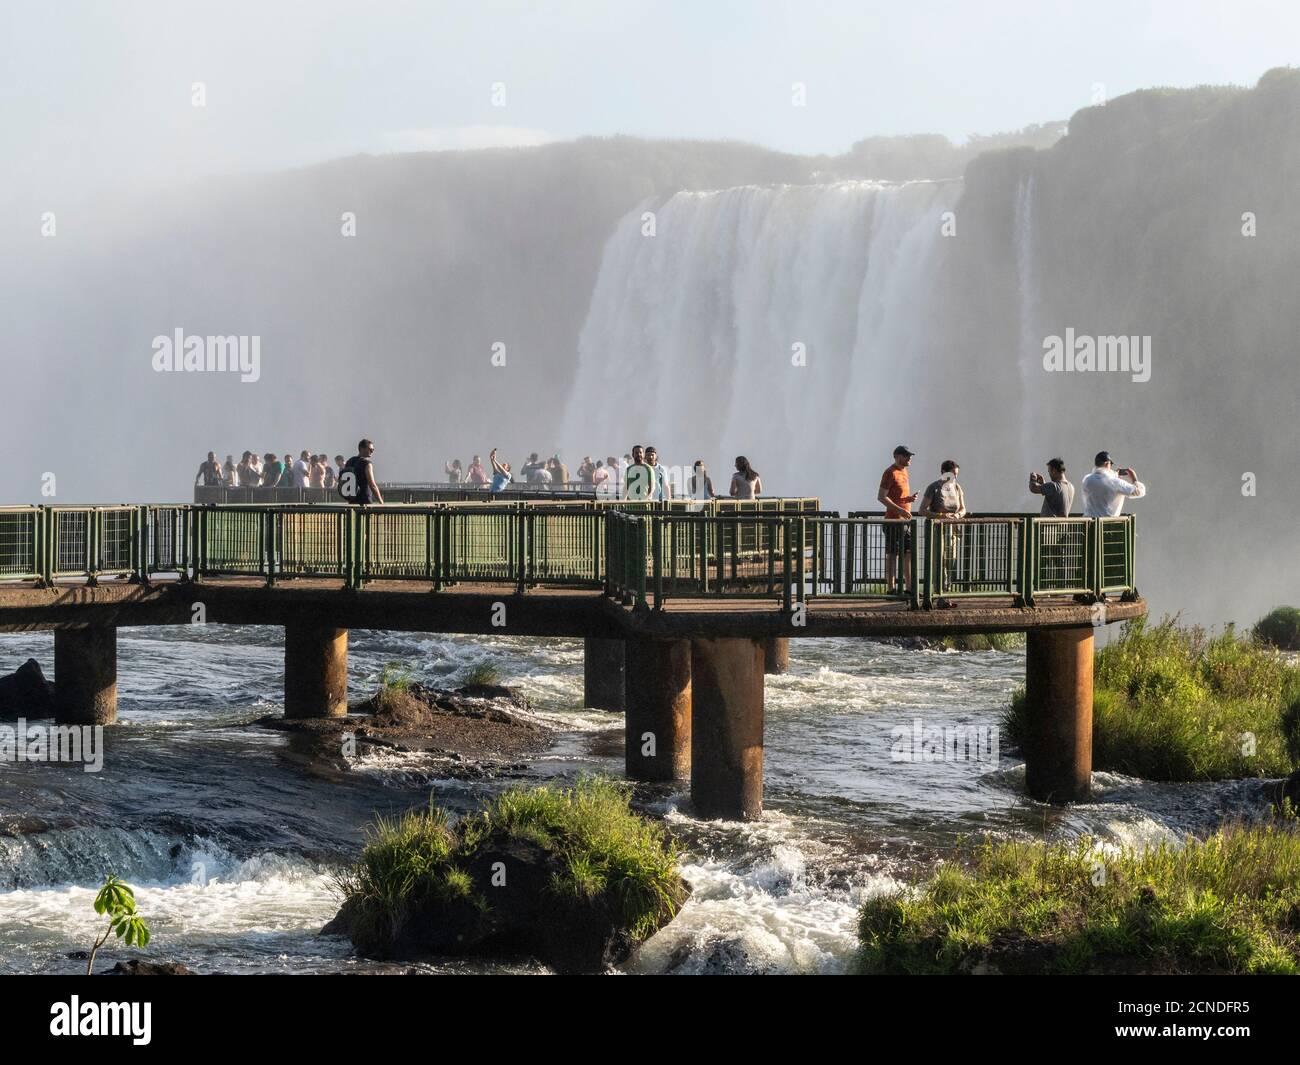 I turisti sulla piattaforma di osservazione alle Cascate di Iguacu (Cataratas do Iguacu), Patrimonio Mondiale dell'UNESCO, dal lato brasiliano, Parana, Brasile Foto Stock